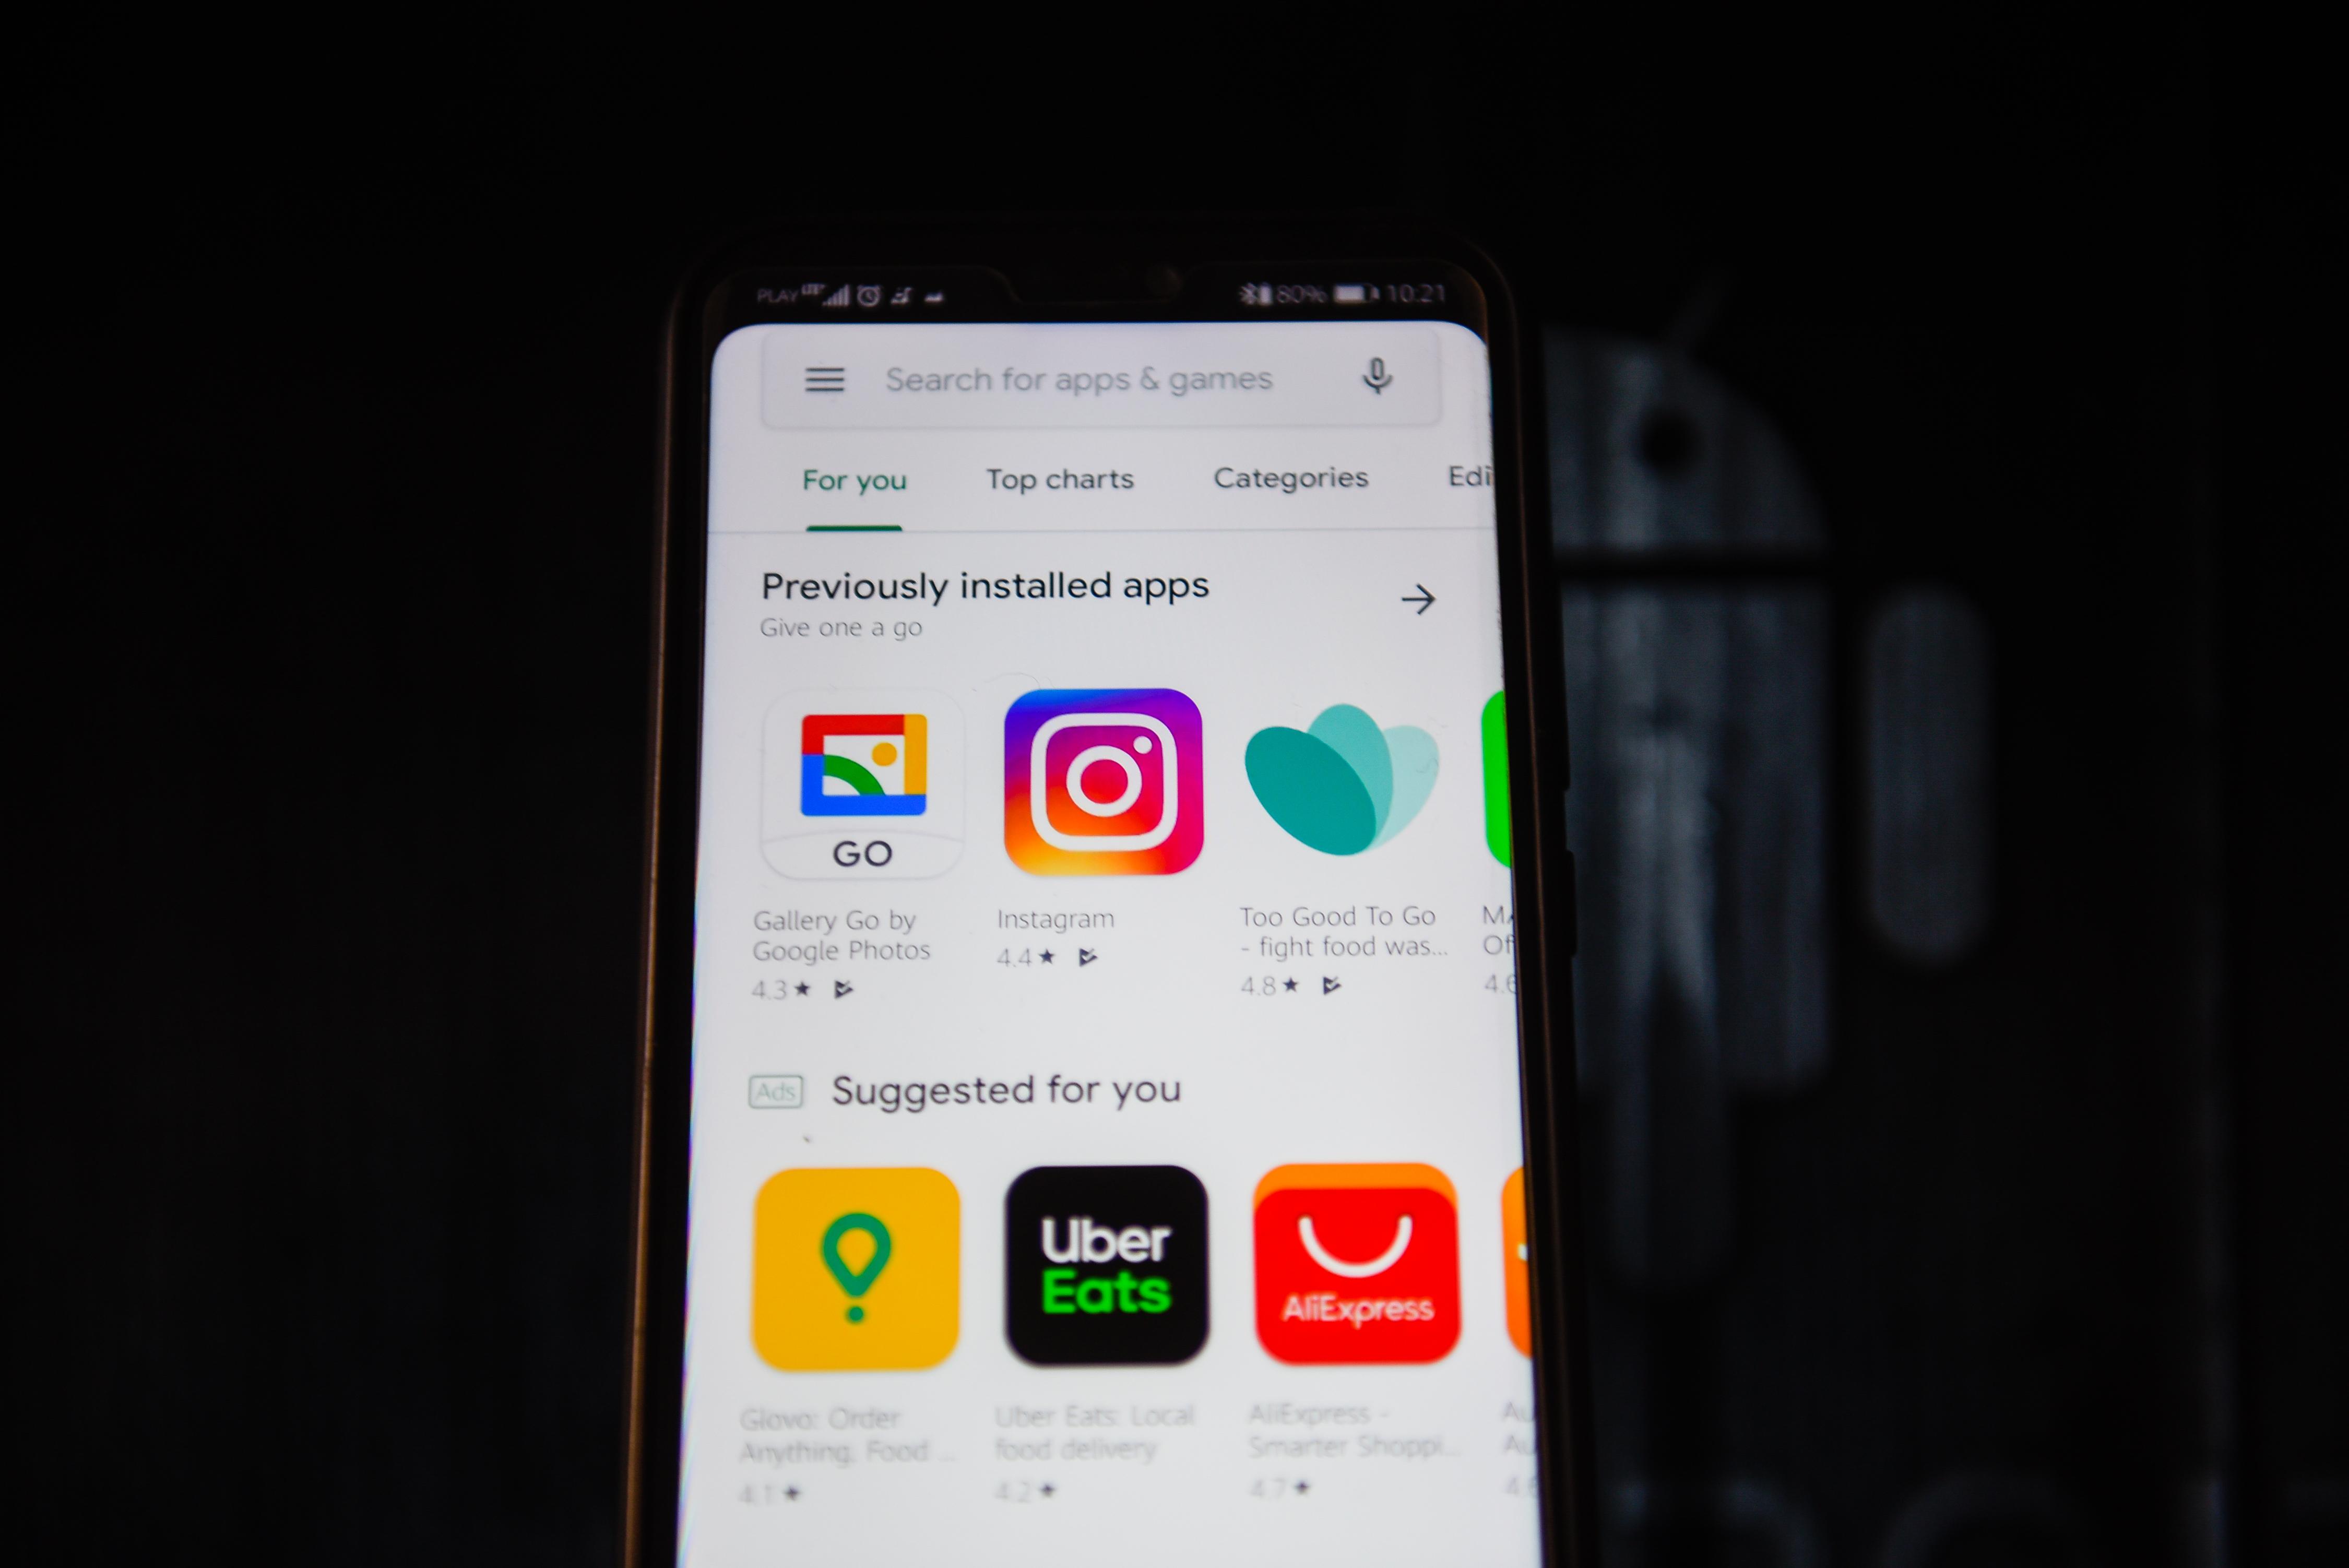 %e2%80%8b%e2%80%8bobligan-a-apple-y-google-a-aceptar-pagos-de-terceros-en-tiendas-de-apps